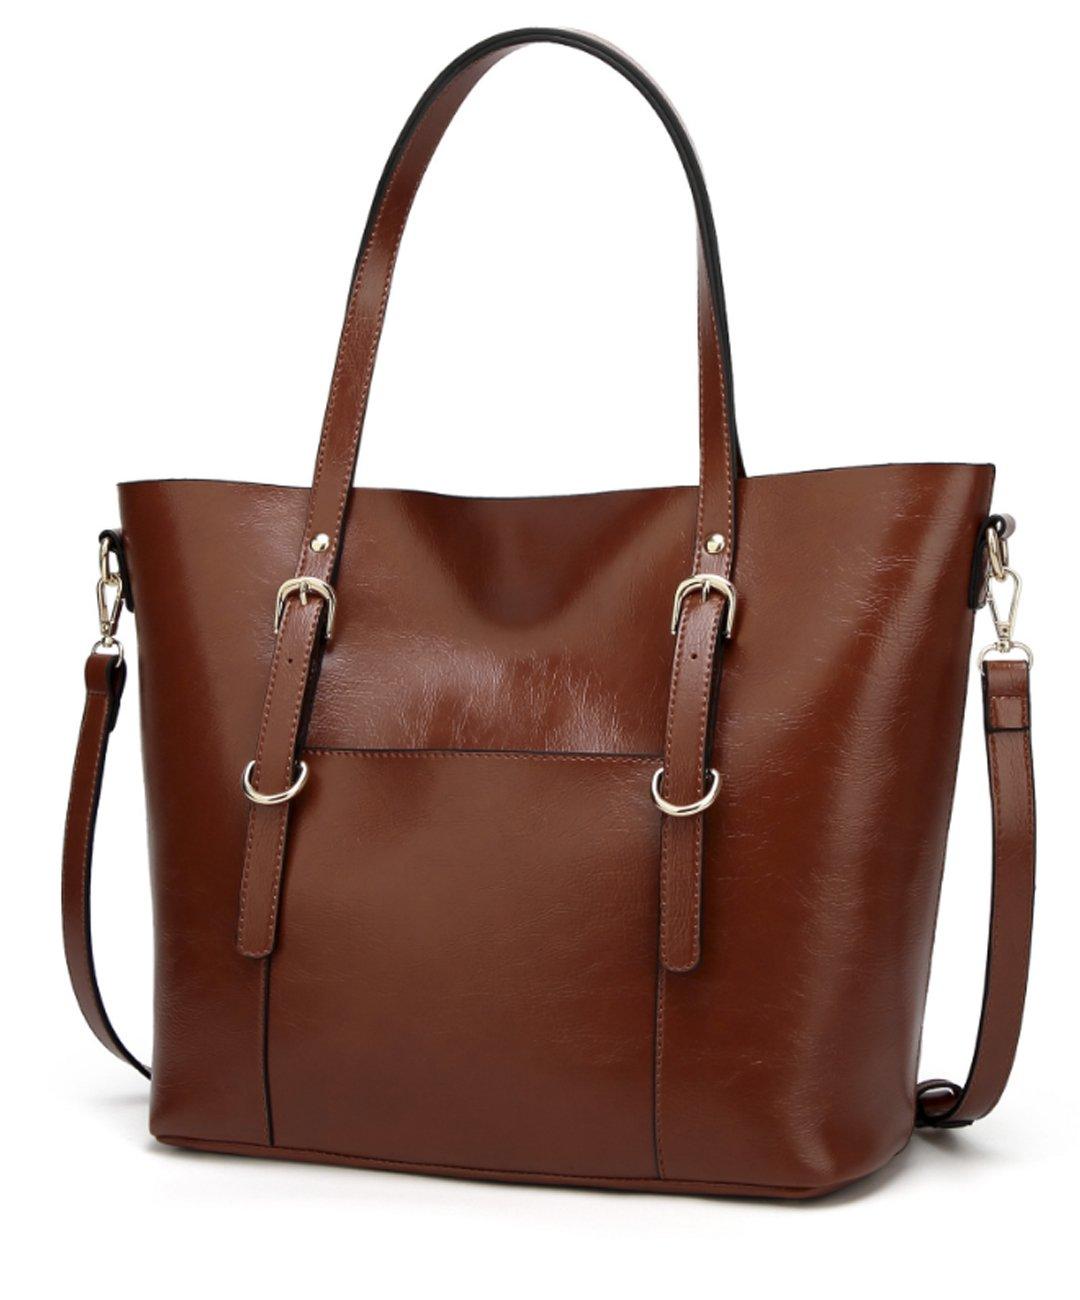 Women's Vintage Fine Fibre Genuine Leather Bag Tote Shoulder Bag Handbag Model Craft Coffee